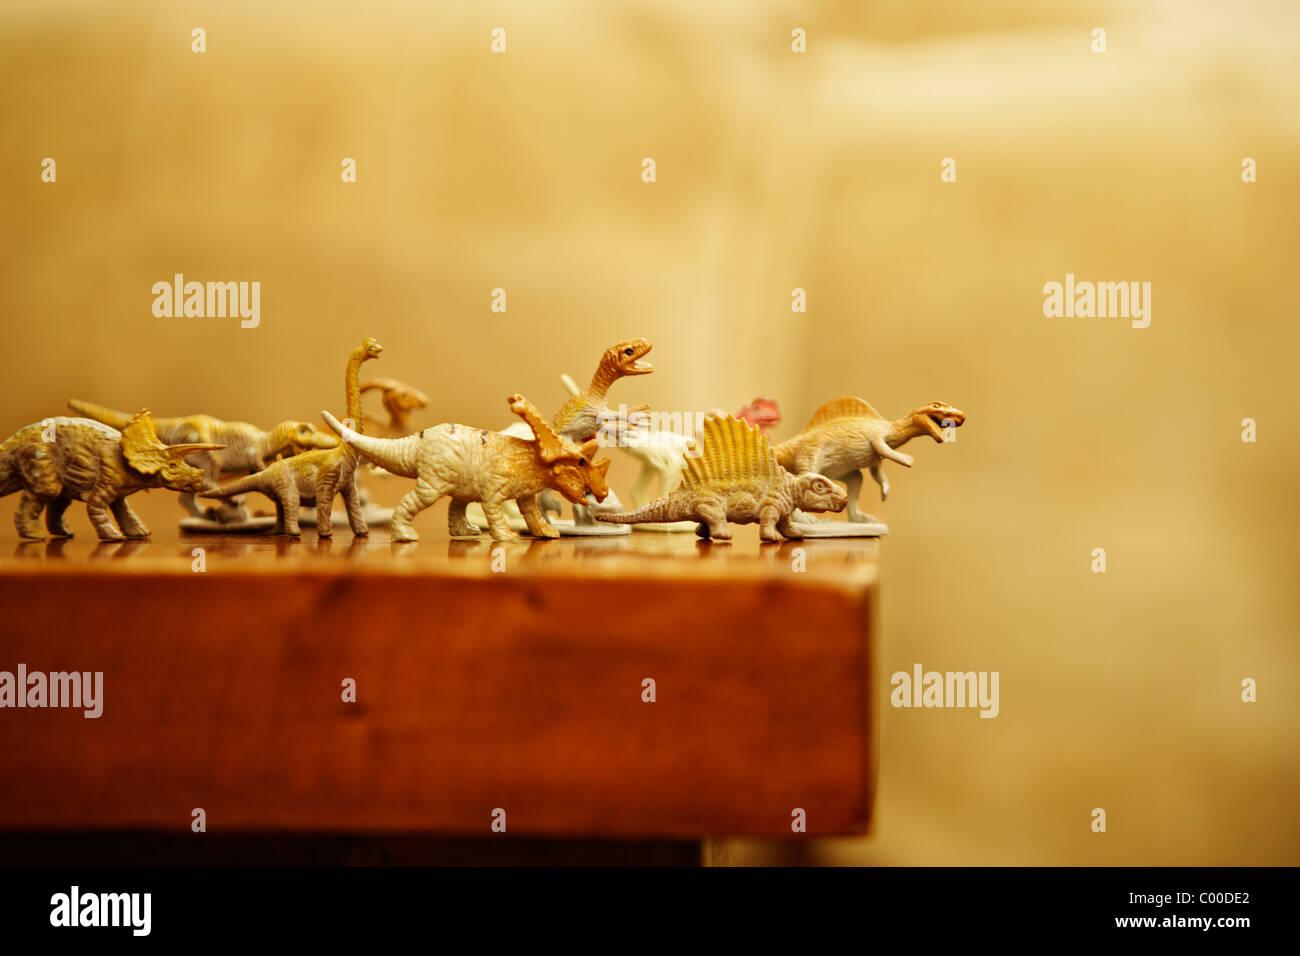 Dinosauri giocattolo rush fuori bordo della tabella Immagini Stock